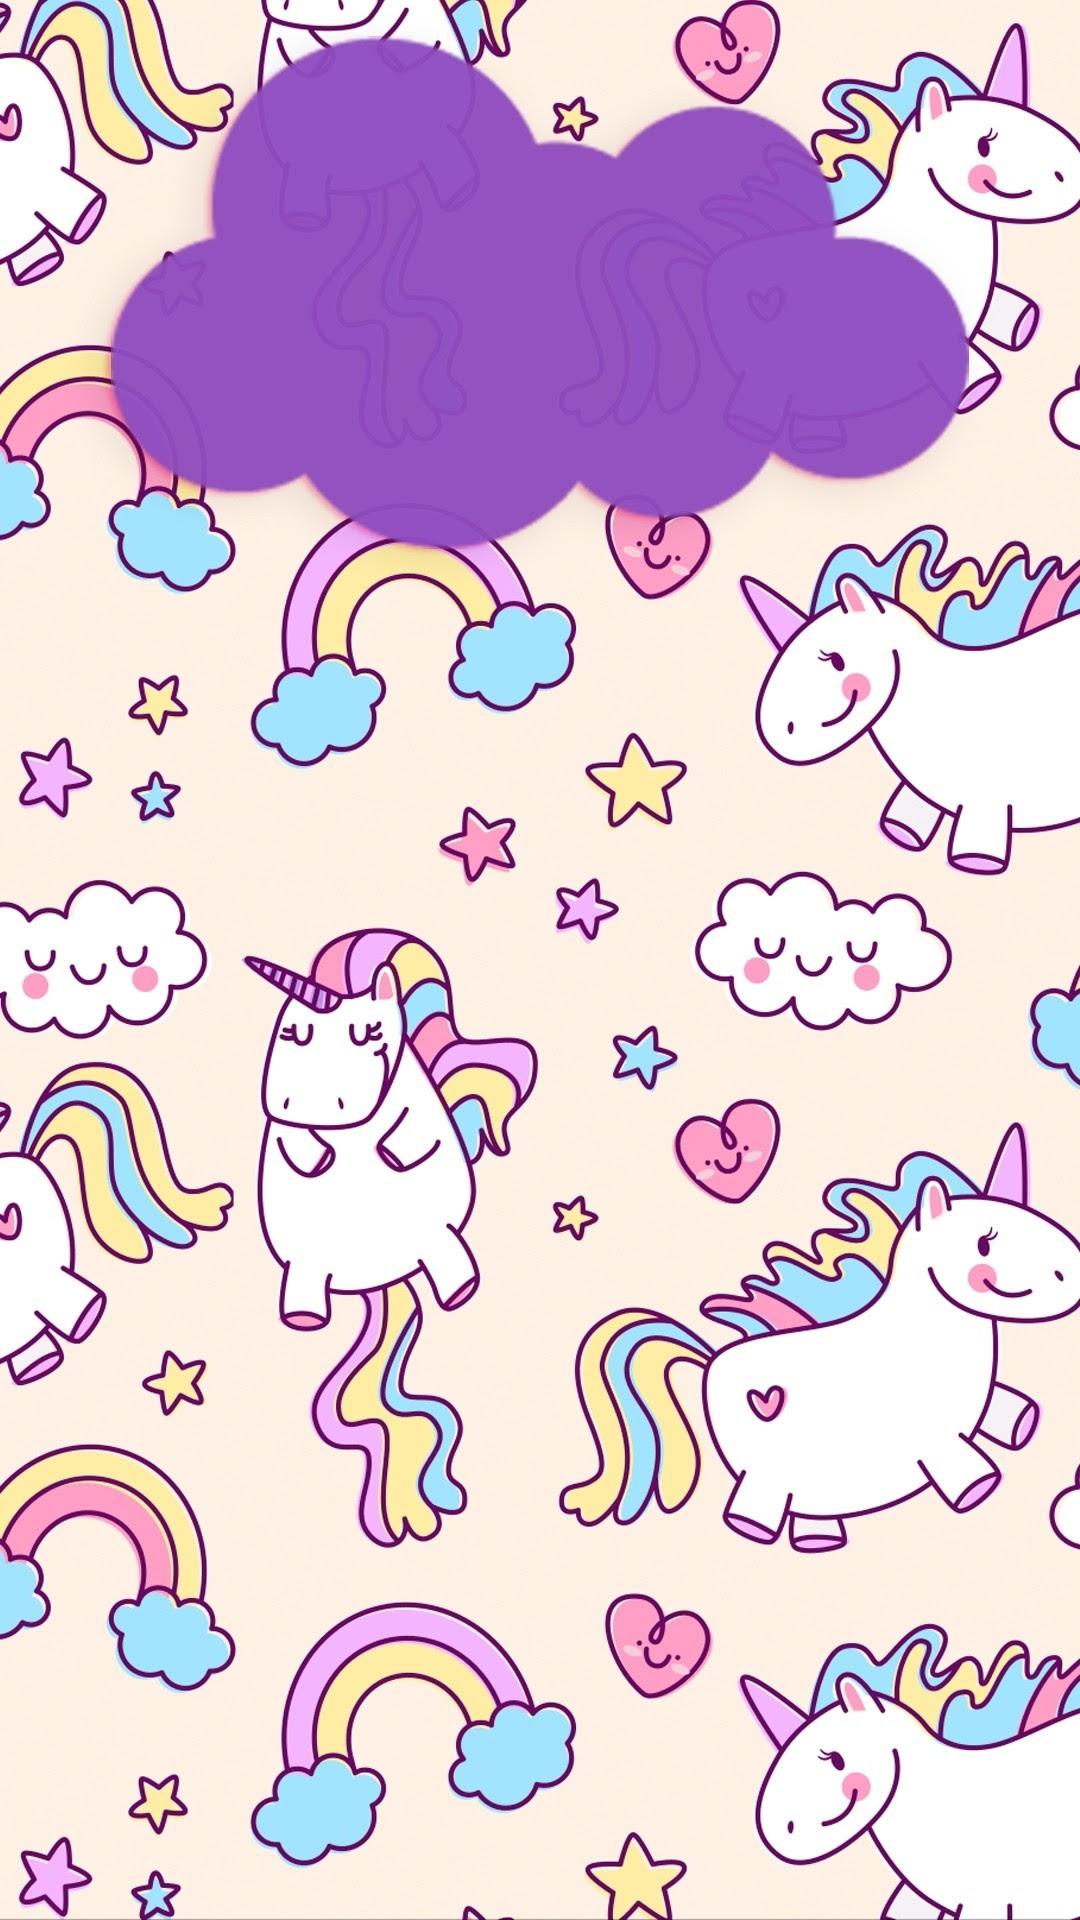 Download 66 Gambar Unicorn Untuk Wallpaper Hp Paling Bagus